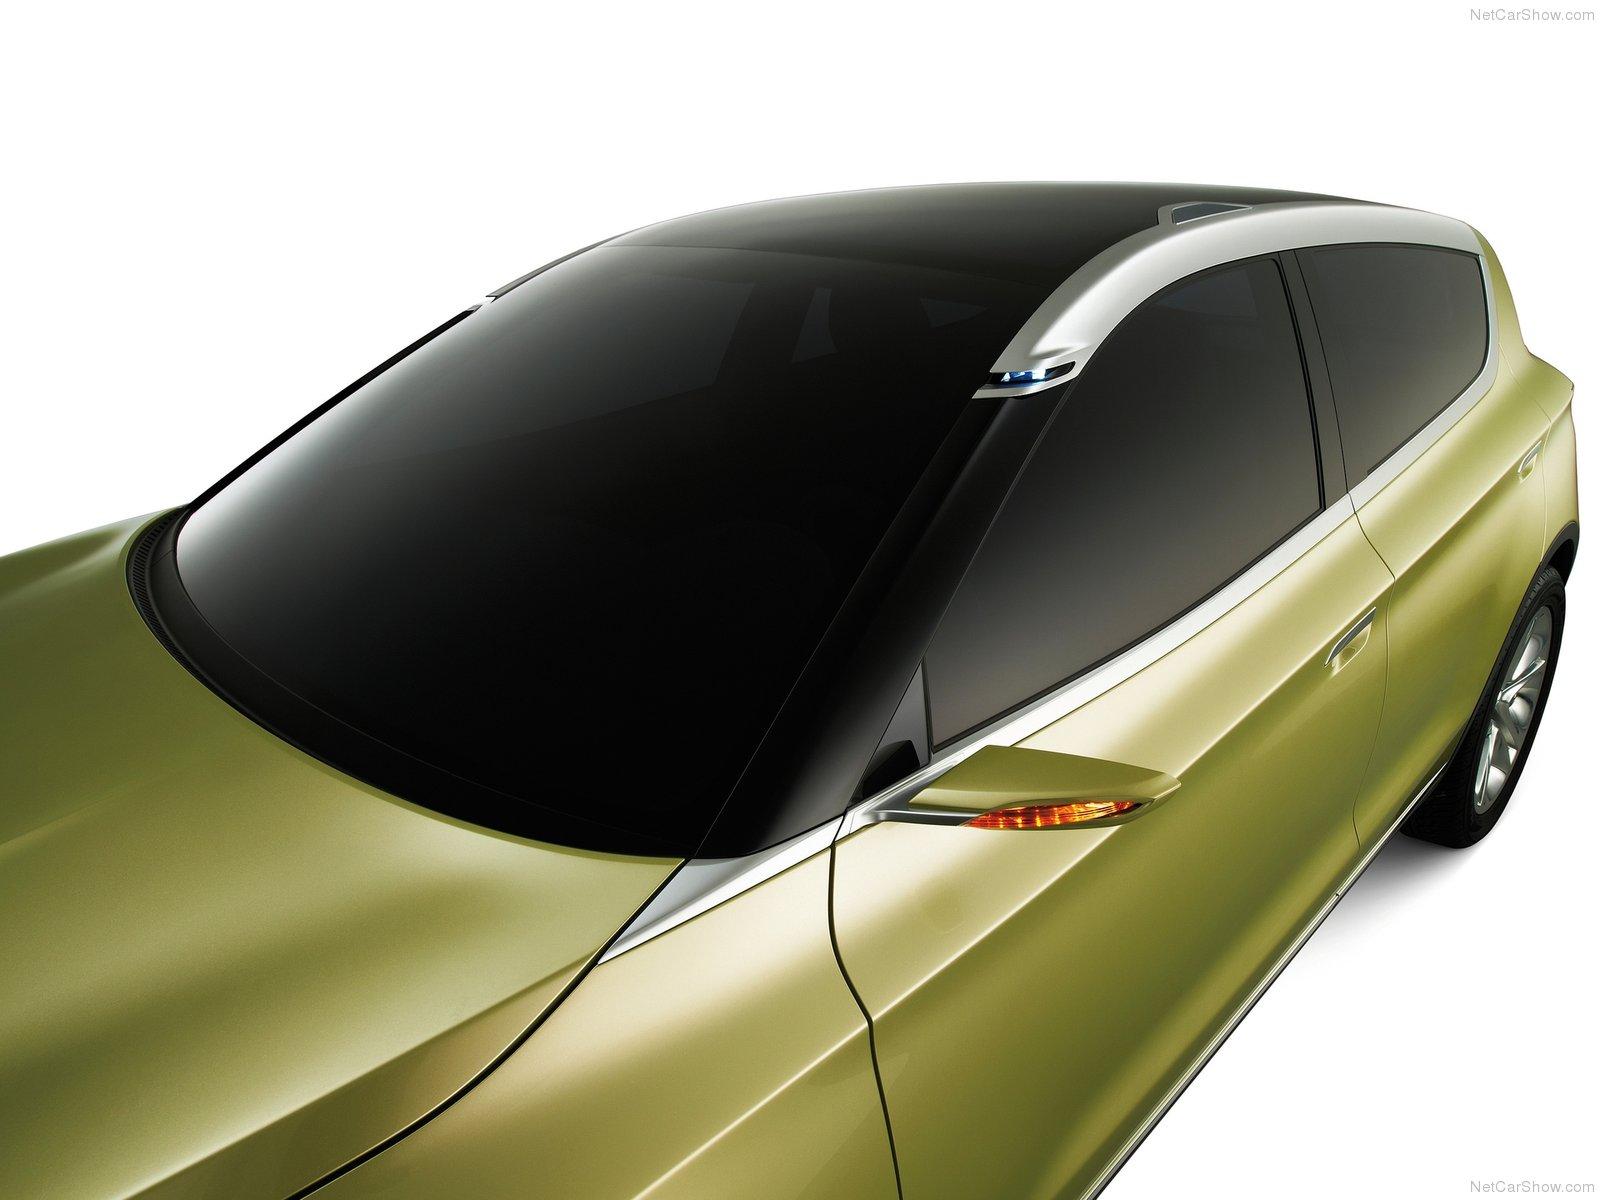 Hình ảnh xe ô tô Suzuki S-Cross Concept 2012 & nội ngoại thất